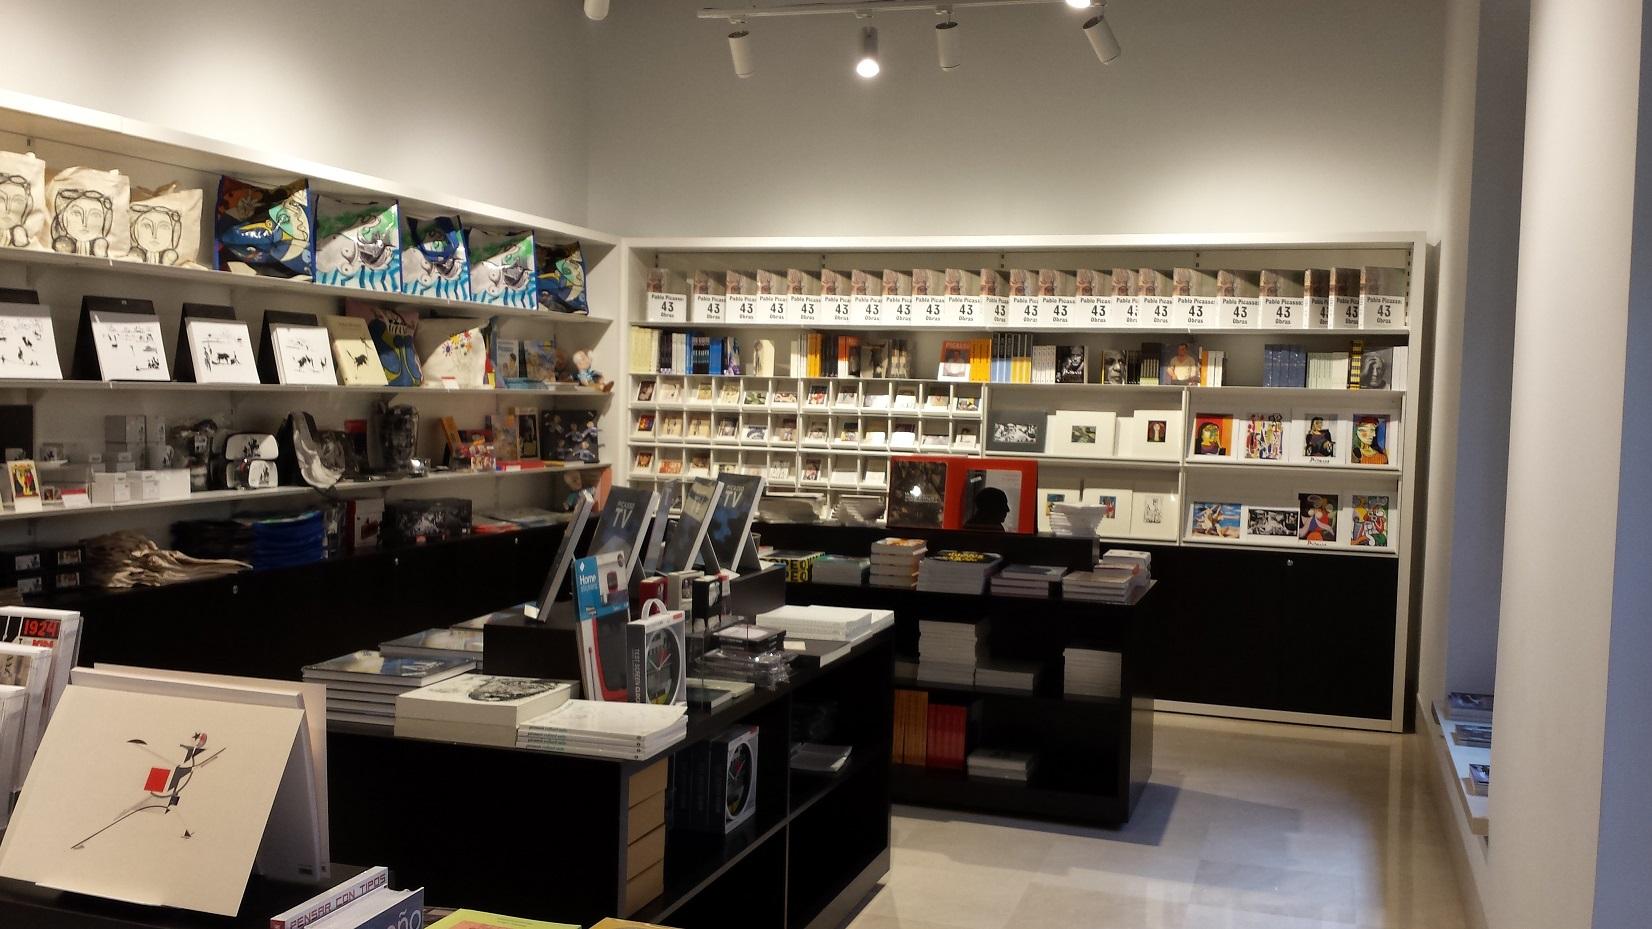 Proyectos de oficina en Sevilla: Diseño y decoración de tiendas